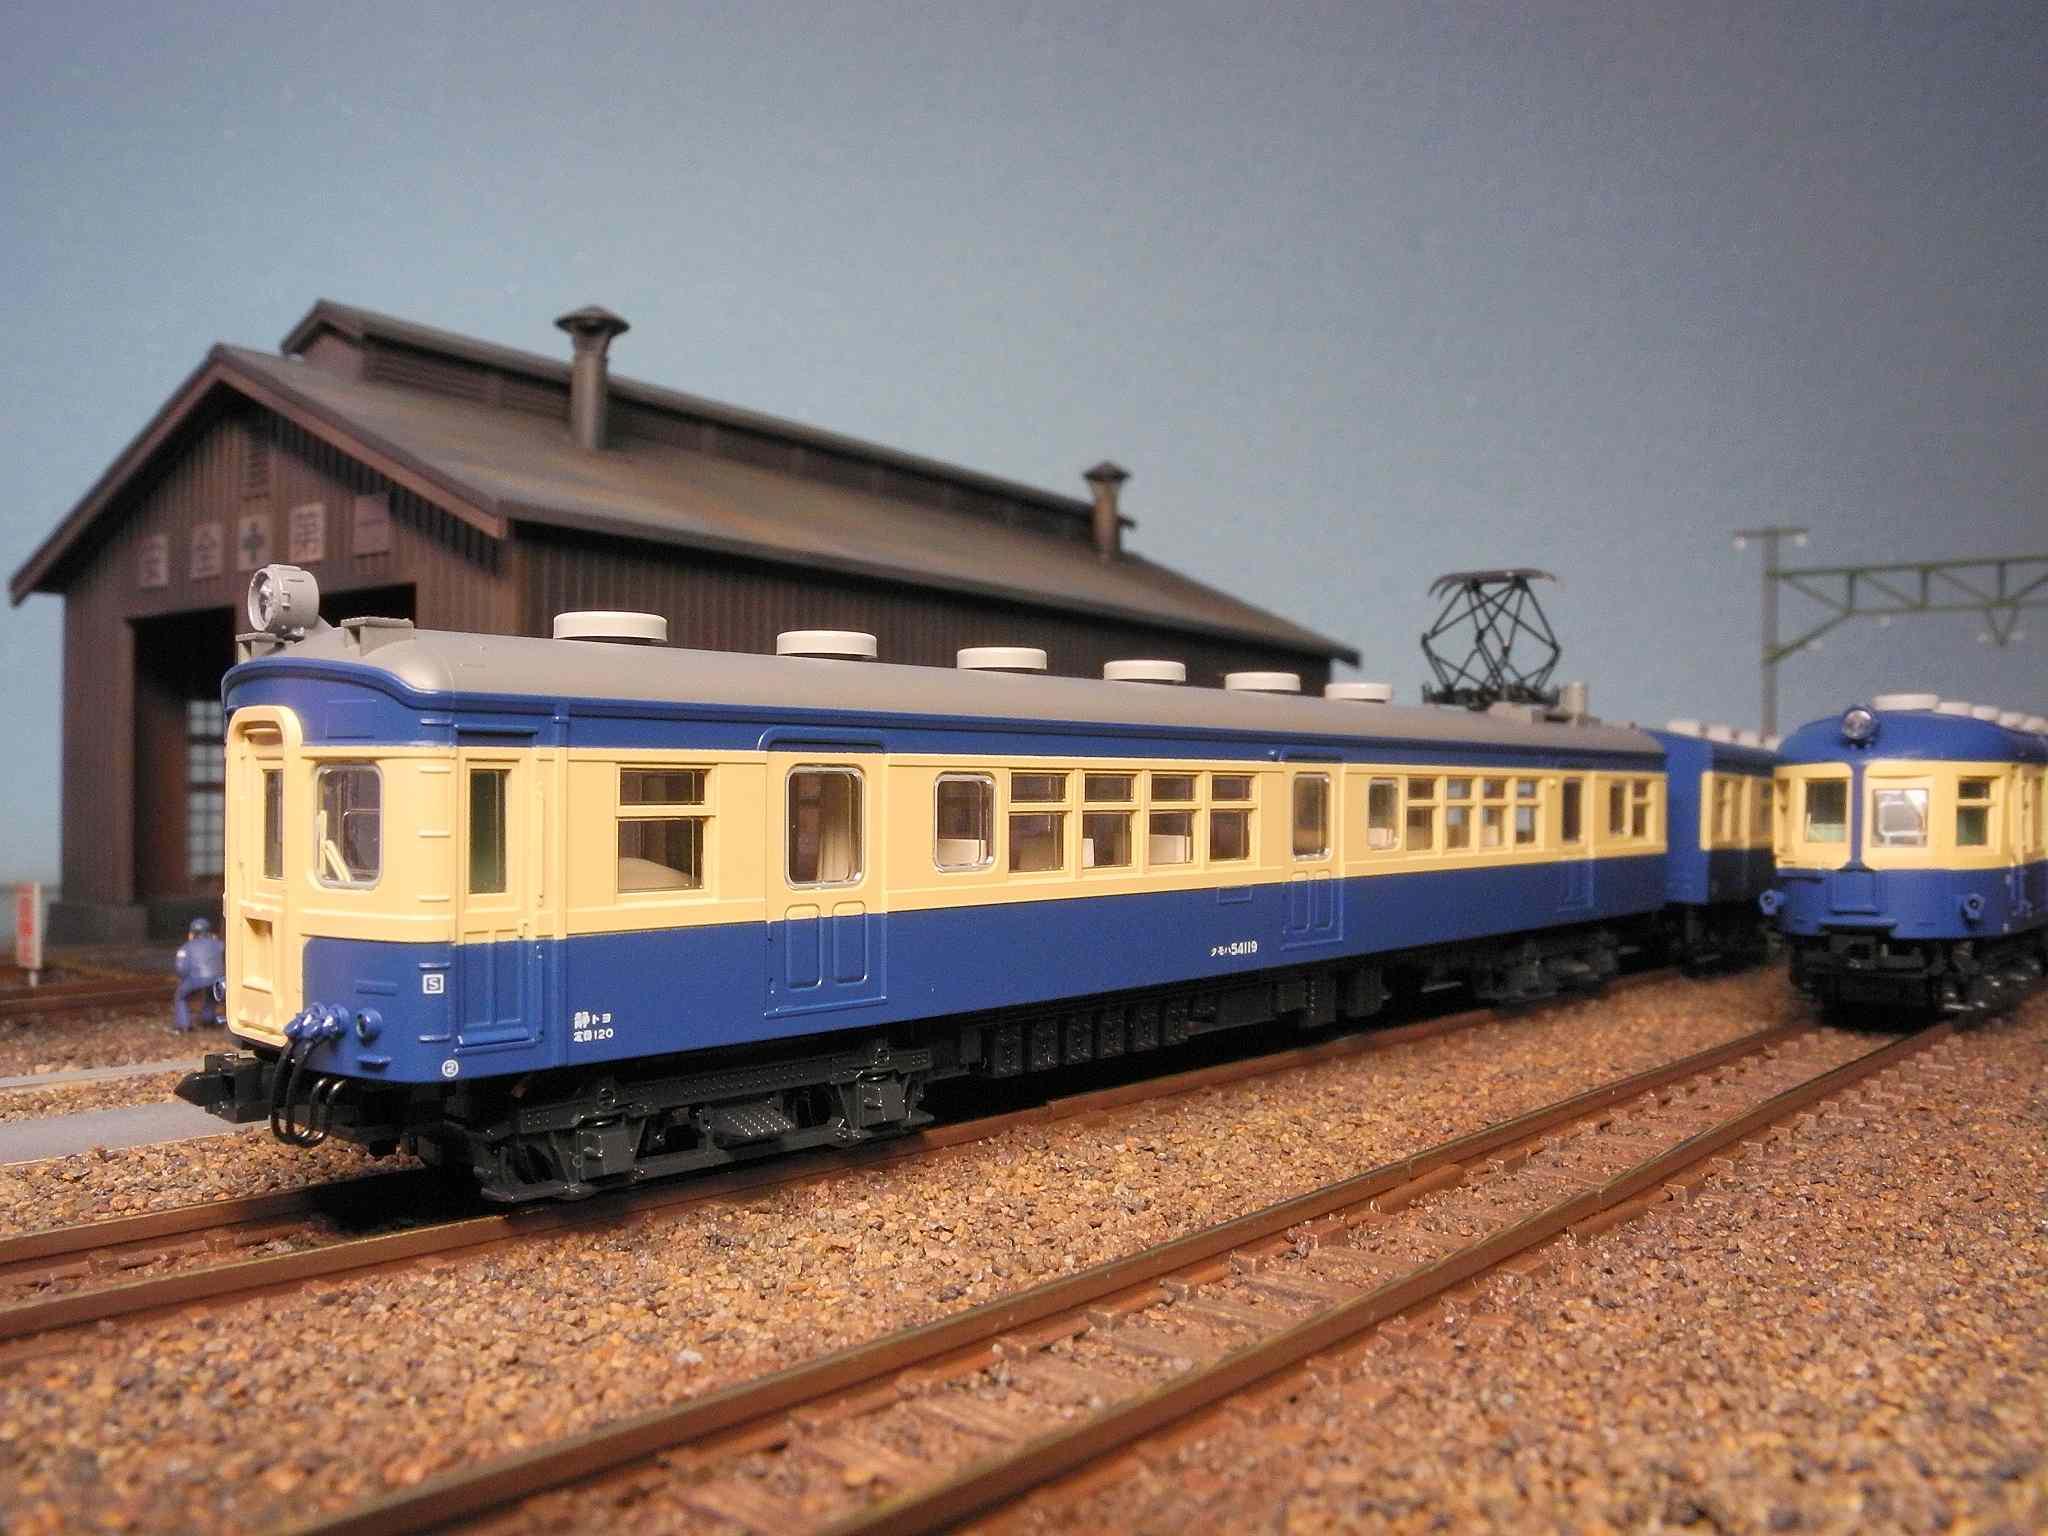 DSCN5035-1.jpg